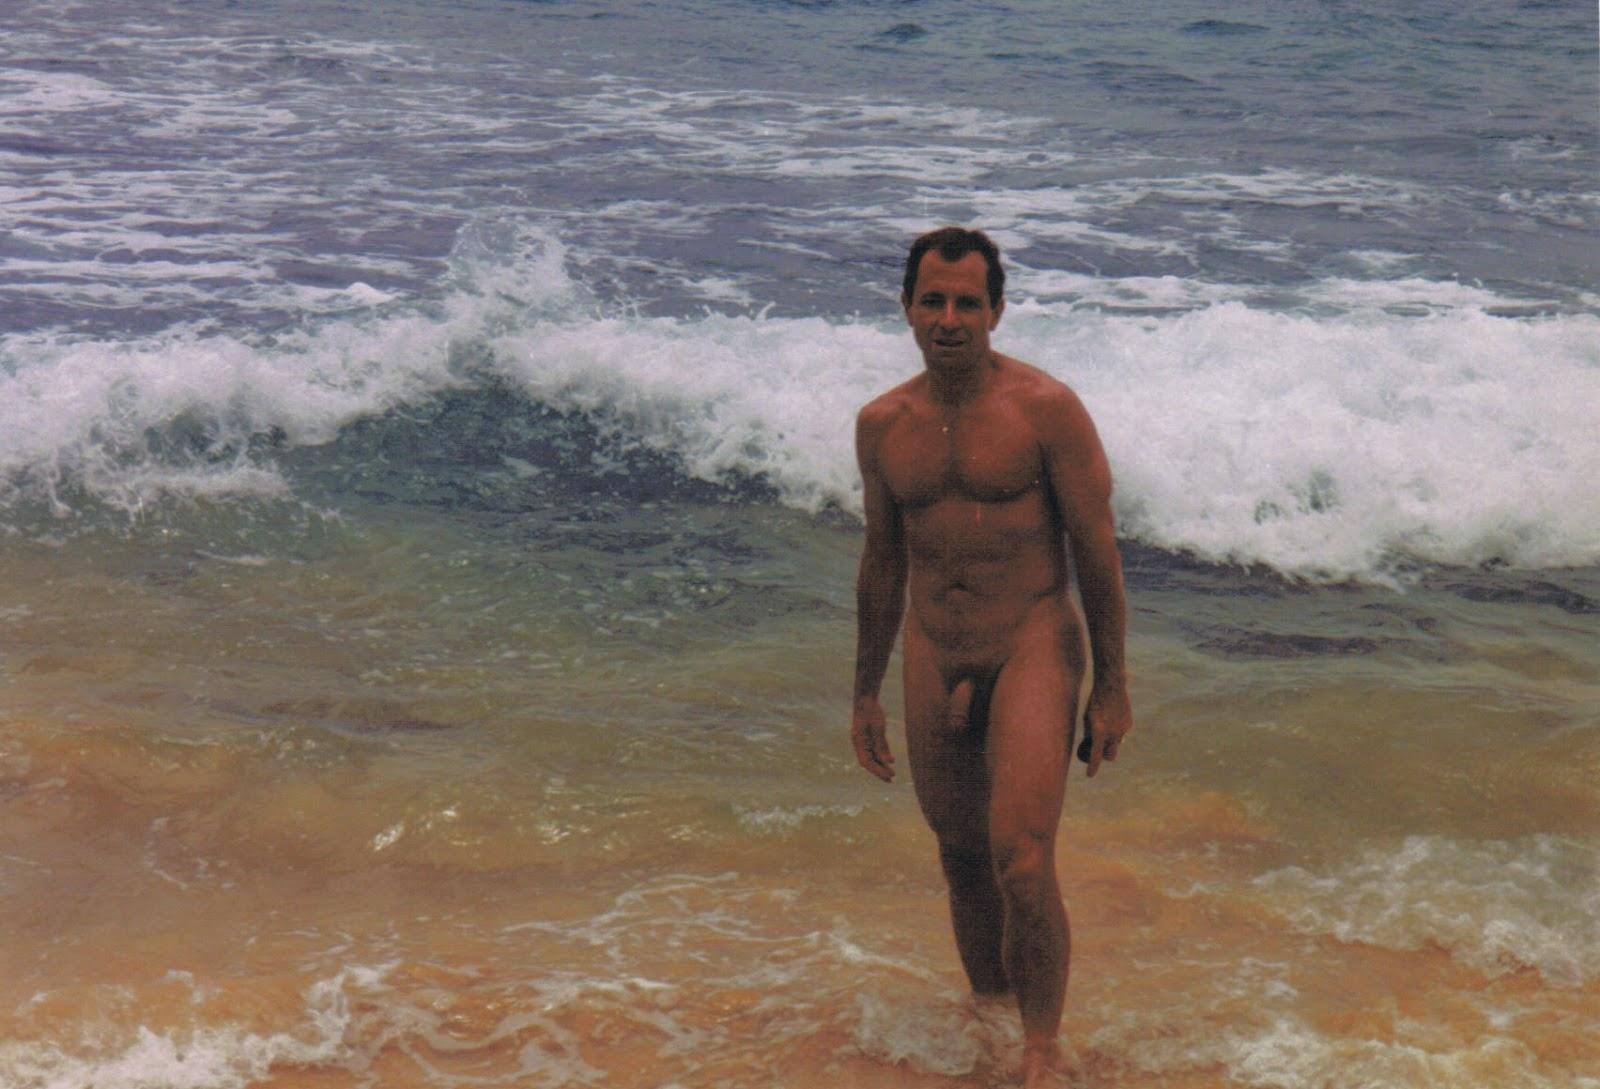 Nude Beaches in Kauai Get the Scoop on Kauai Beaches